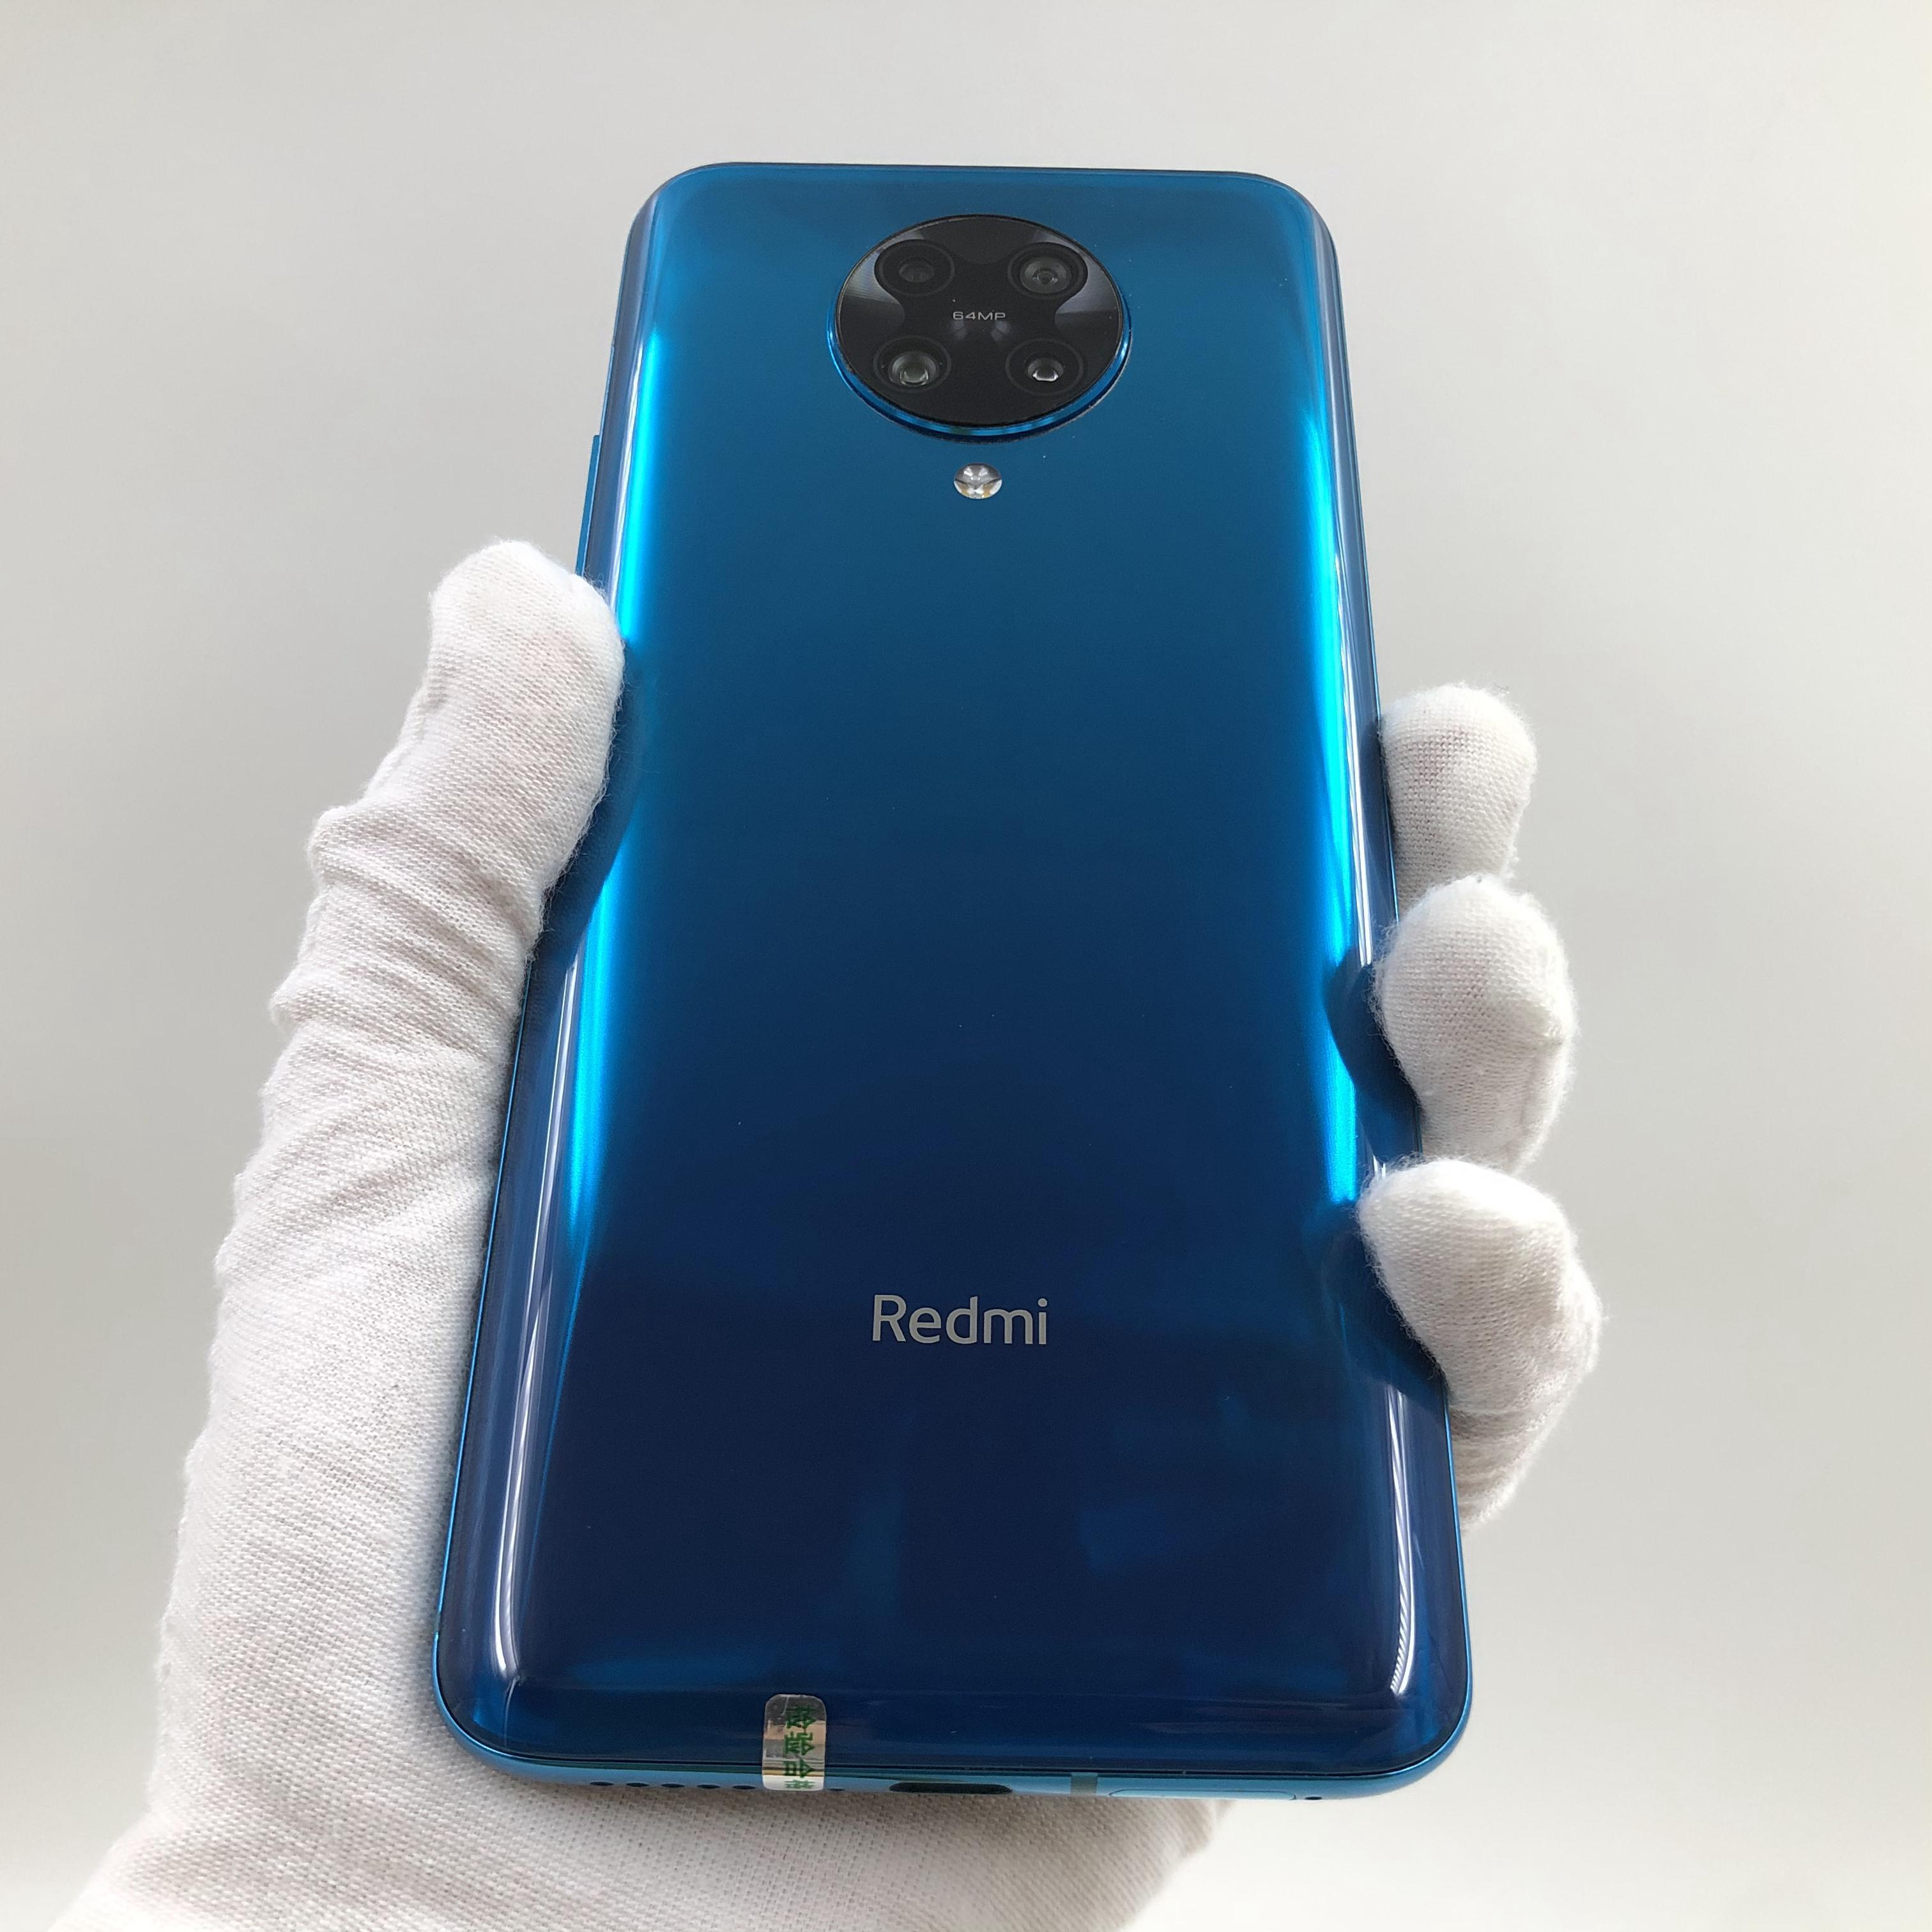 小米【Redmi k30 Pro 5G】5G全网通 天际蓝 6G/128G 国行 8成新 真机实拍